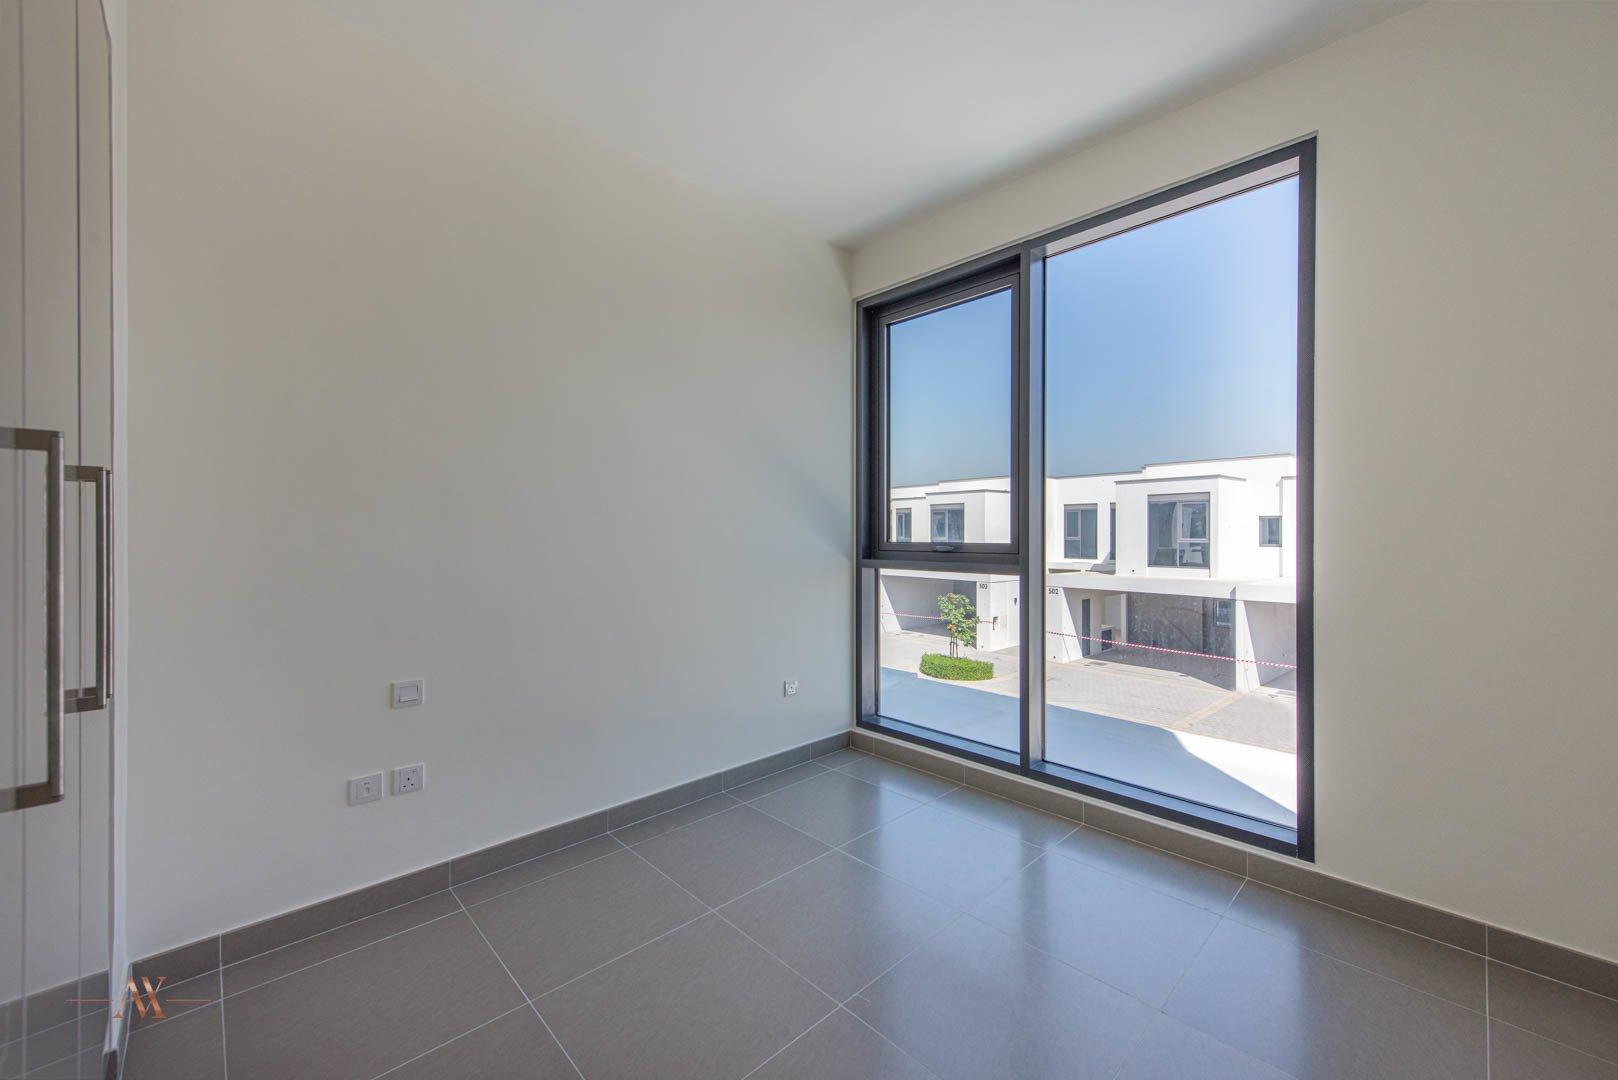 Villa for sale in Dubai, UAE, 3 bedrooms, 194.4 m2, No. 23635 – photo 10